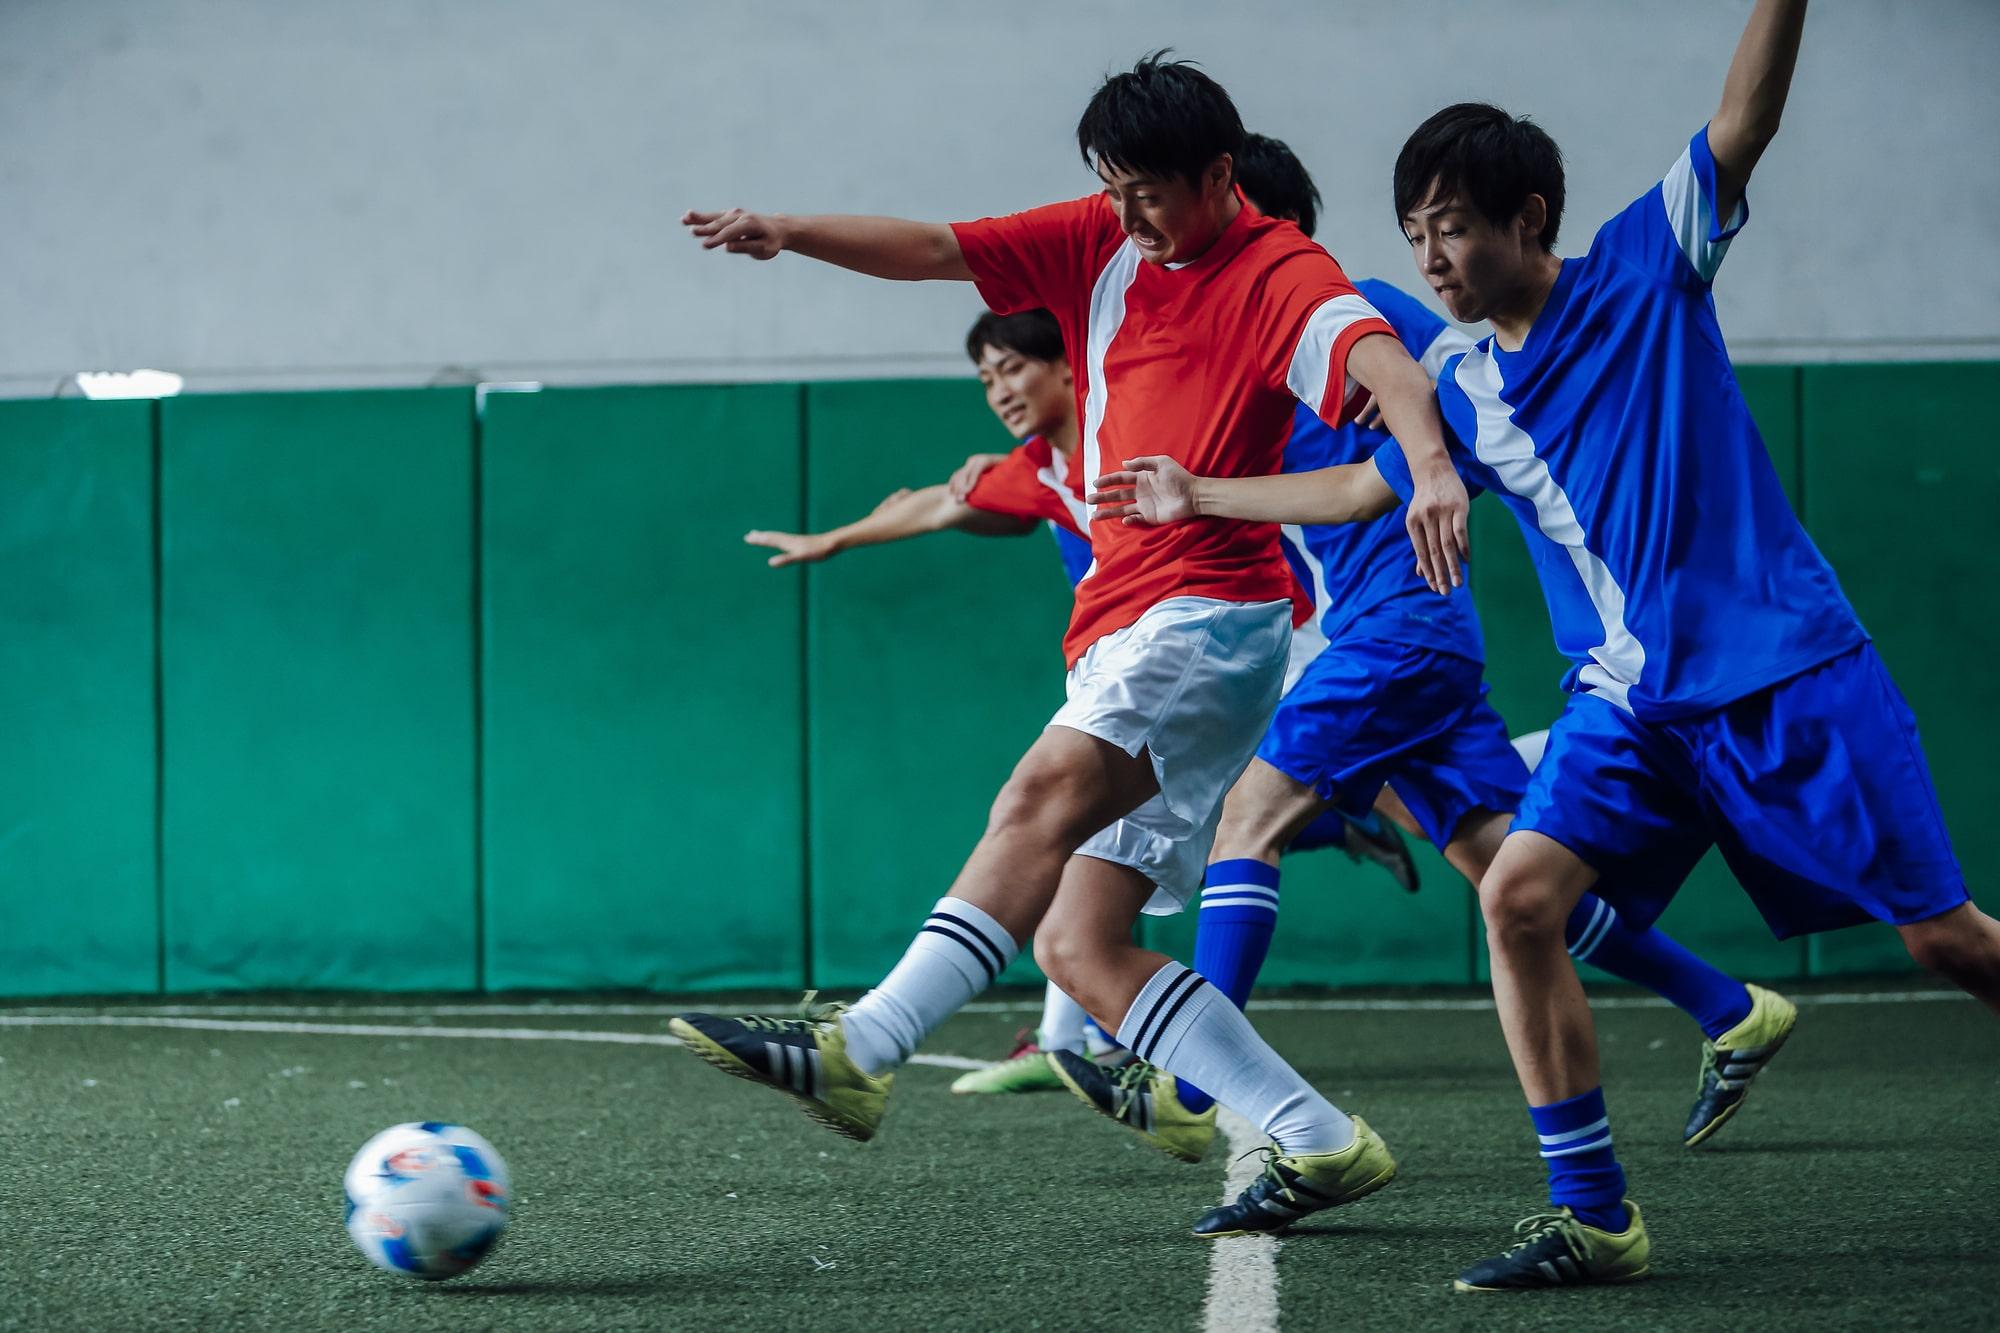 大人になってからサッカーにハマりだした